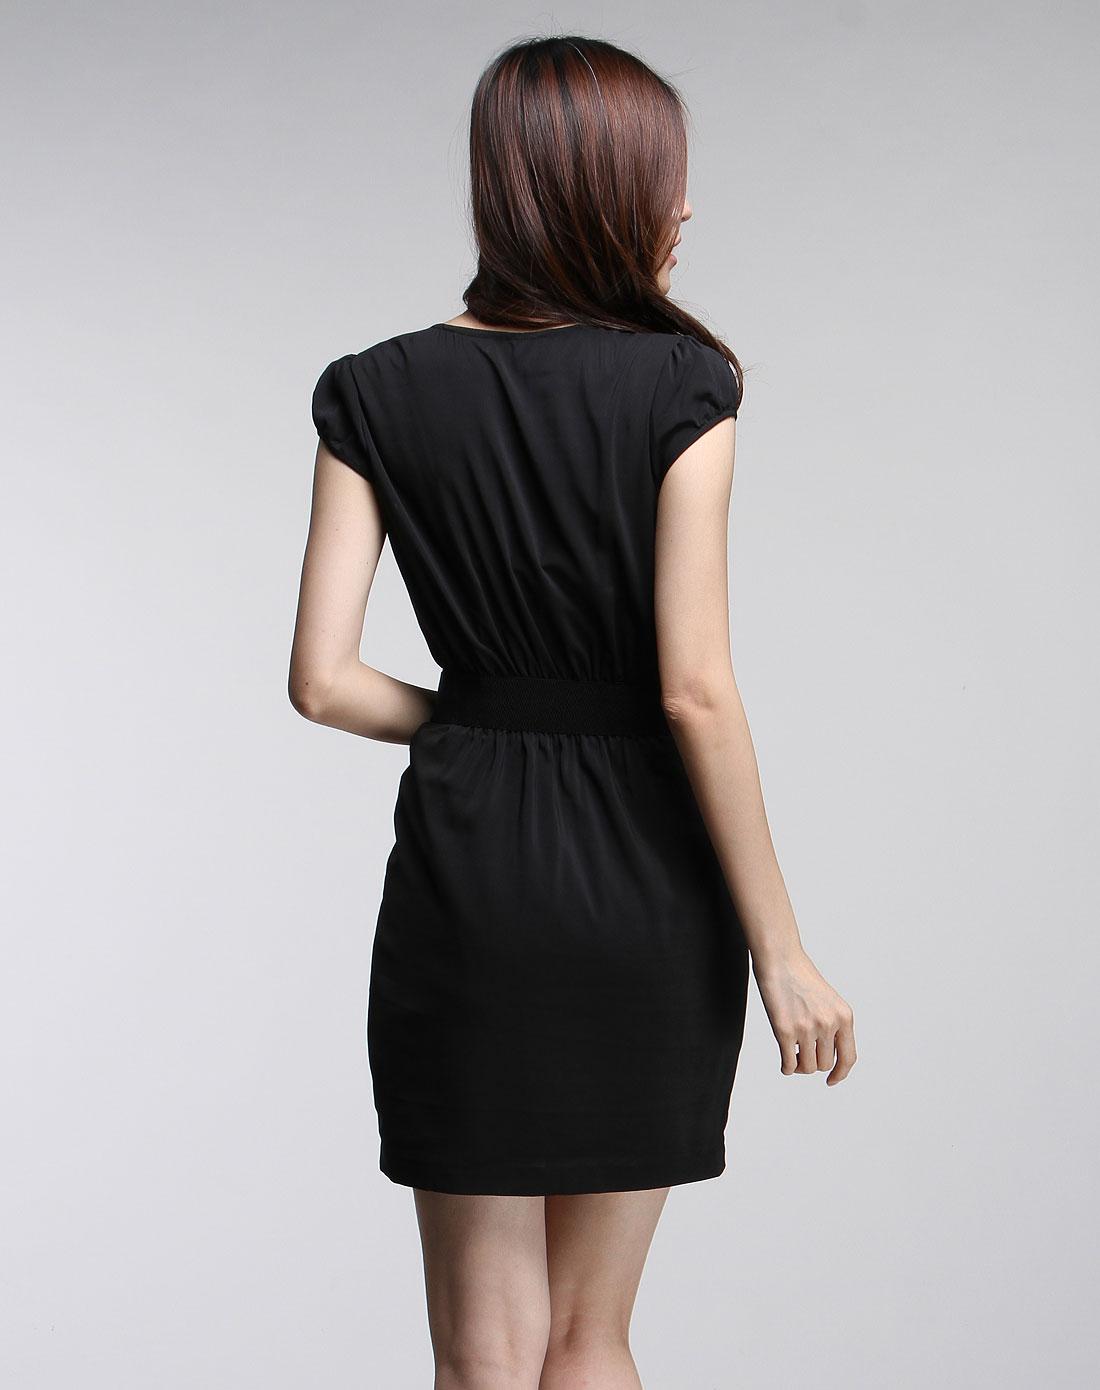 傲丝度isayido女装专场-女款黑色优雅珠片短袖连衣裙